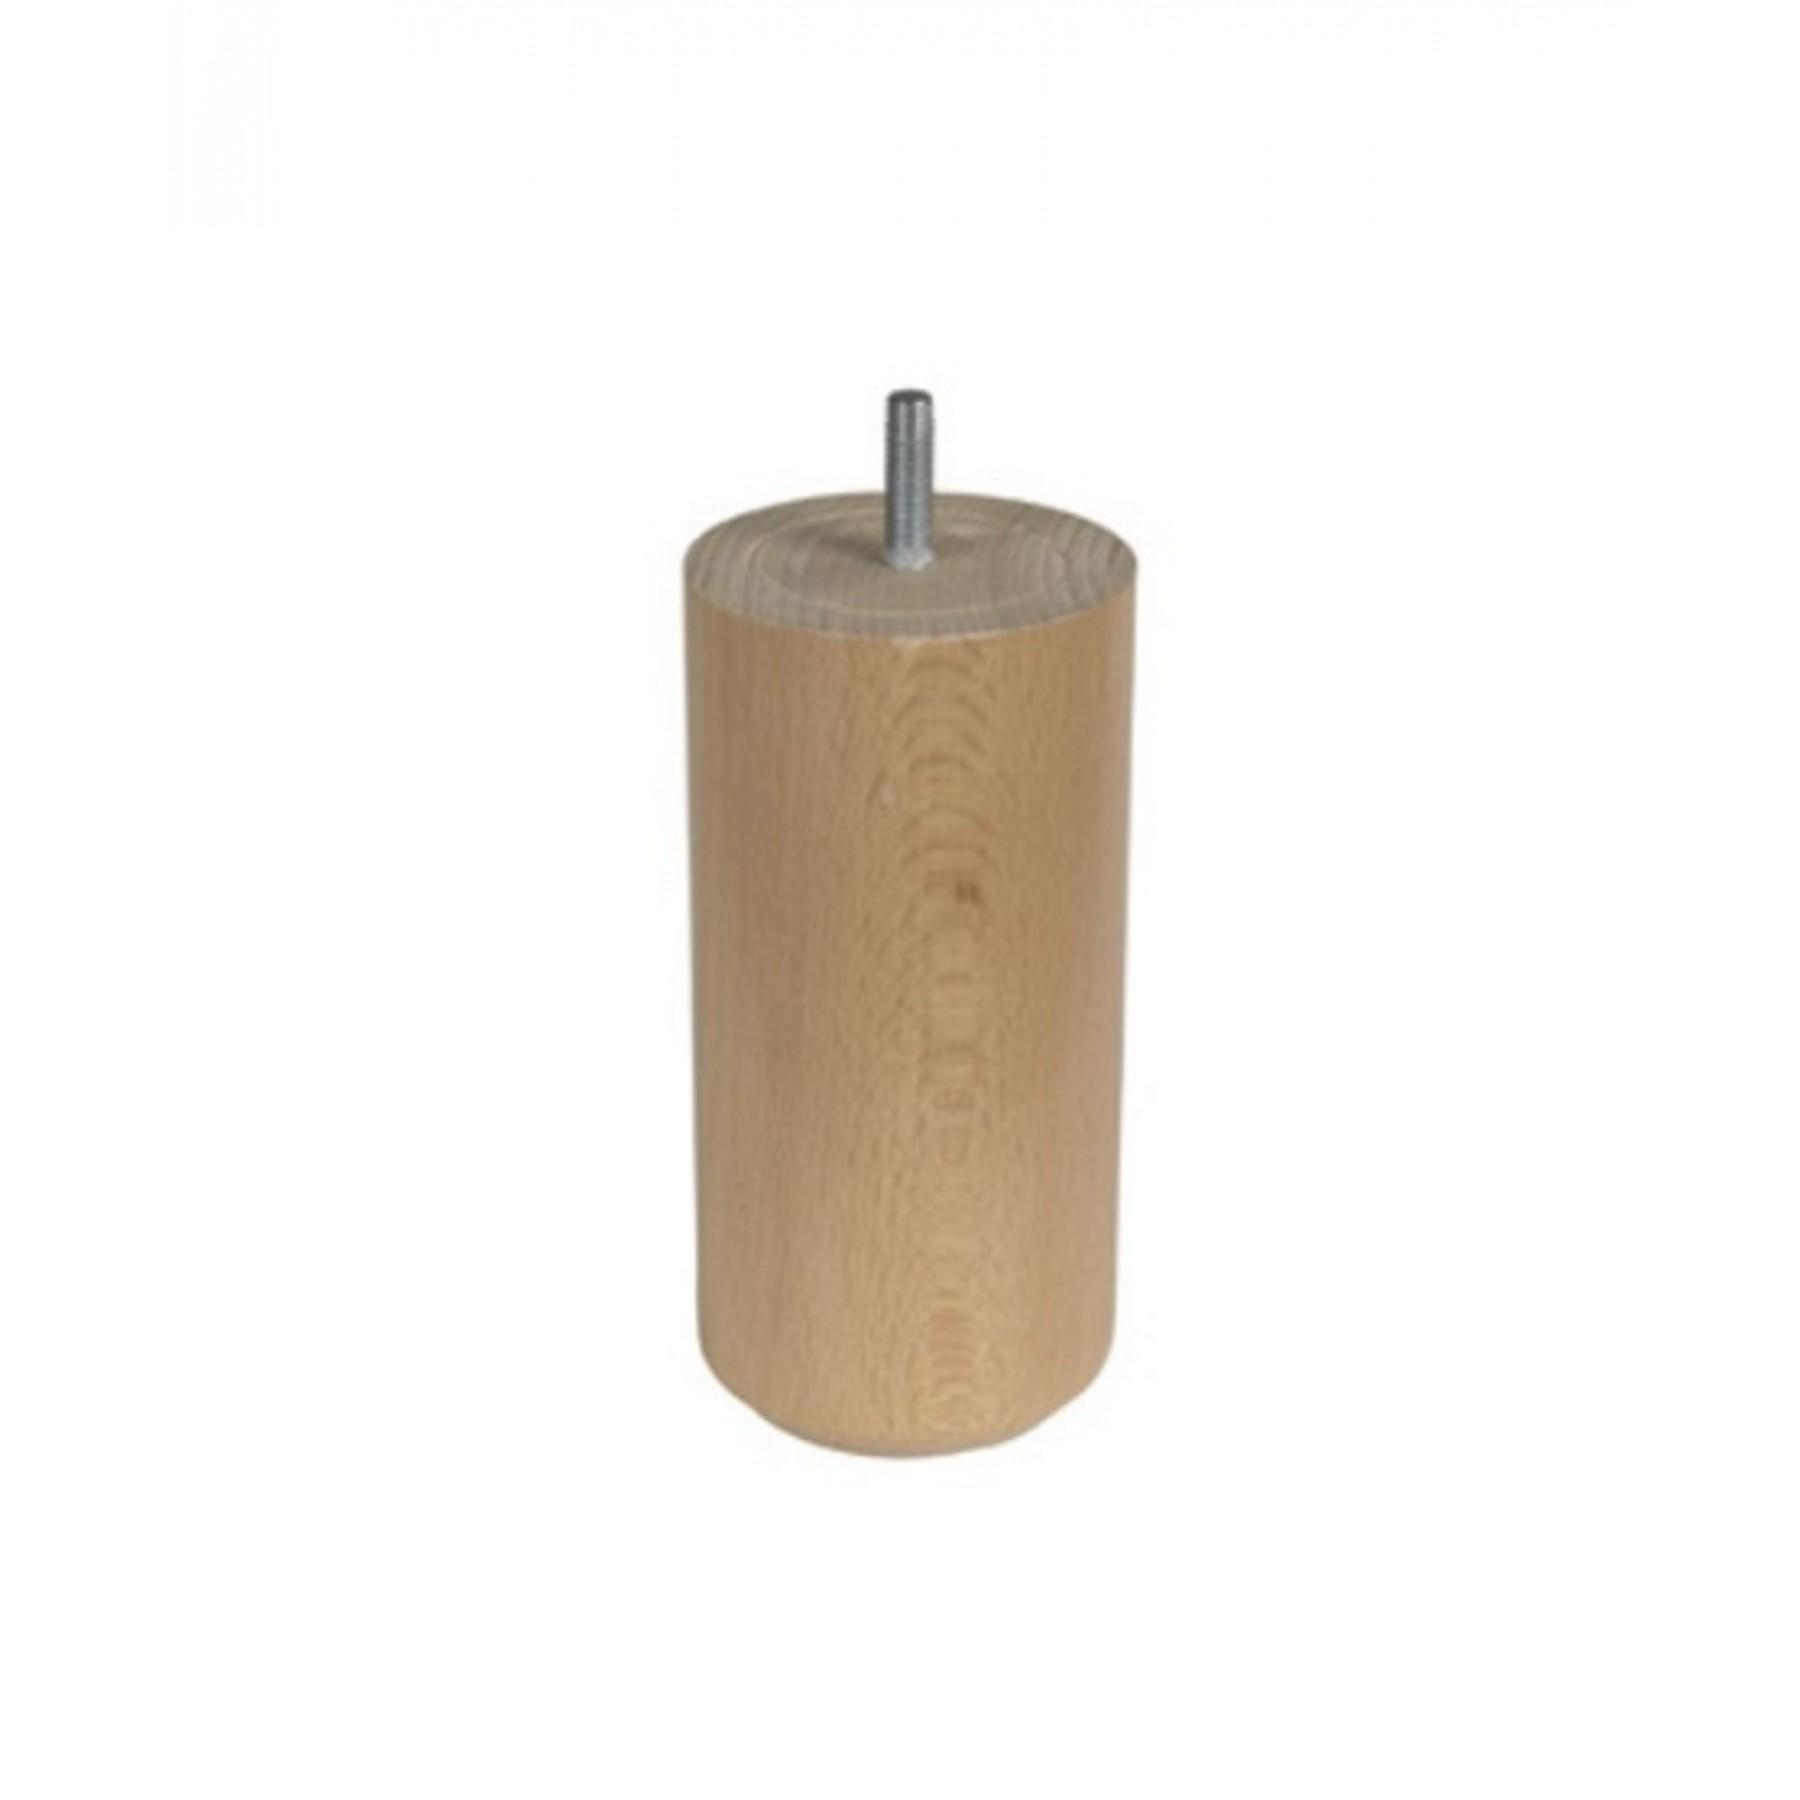 pieds cylindrique en bois pour sommier lattes d couvrir au le sp cialiste du matelas. Black Bedroom Furniture Sets. Home Design Ideas